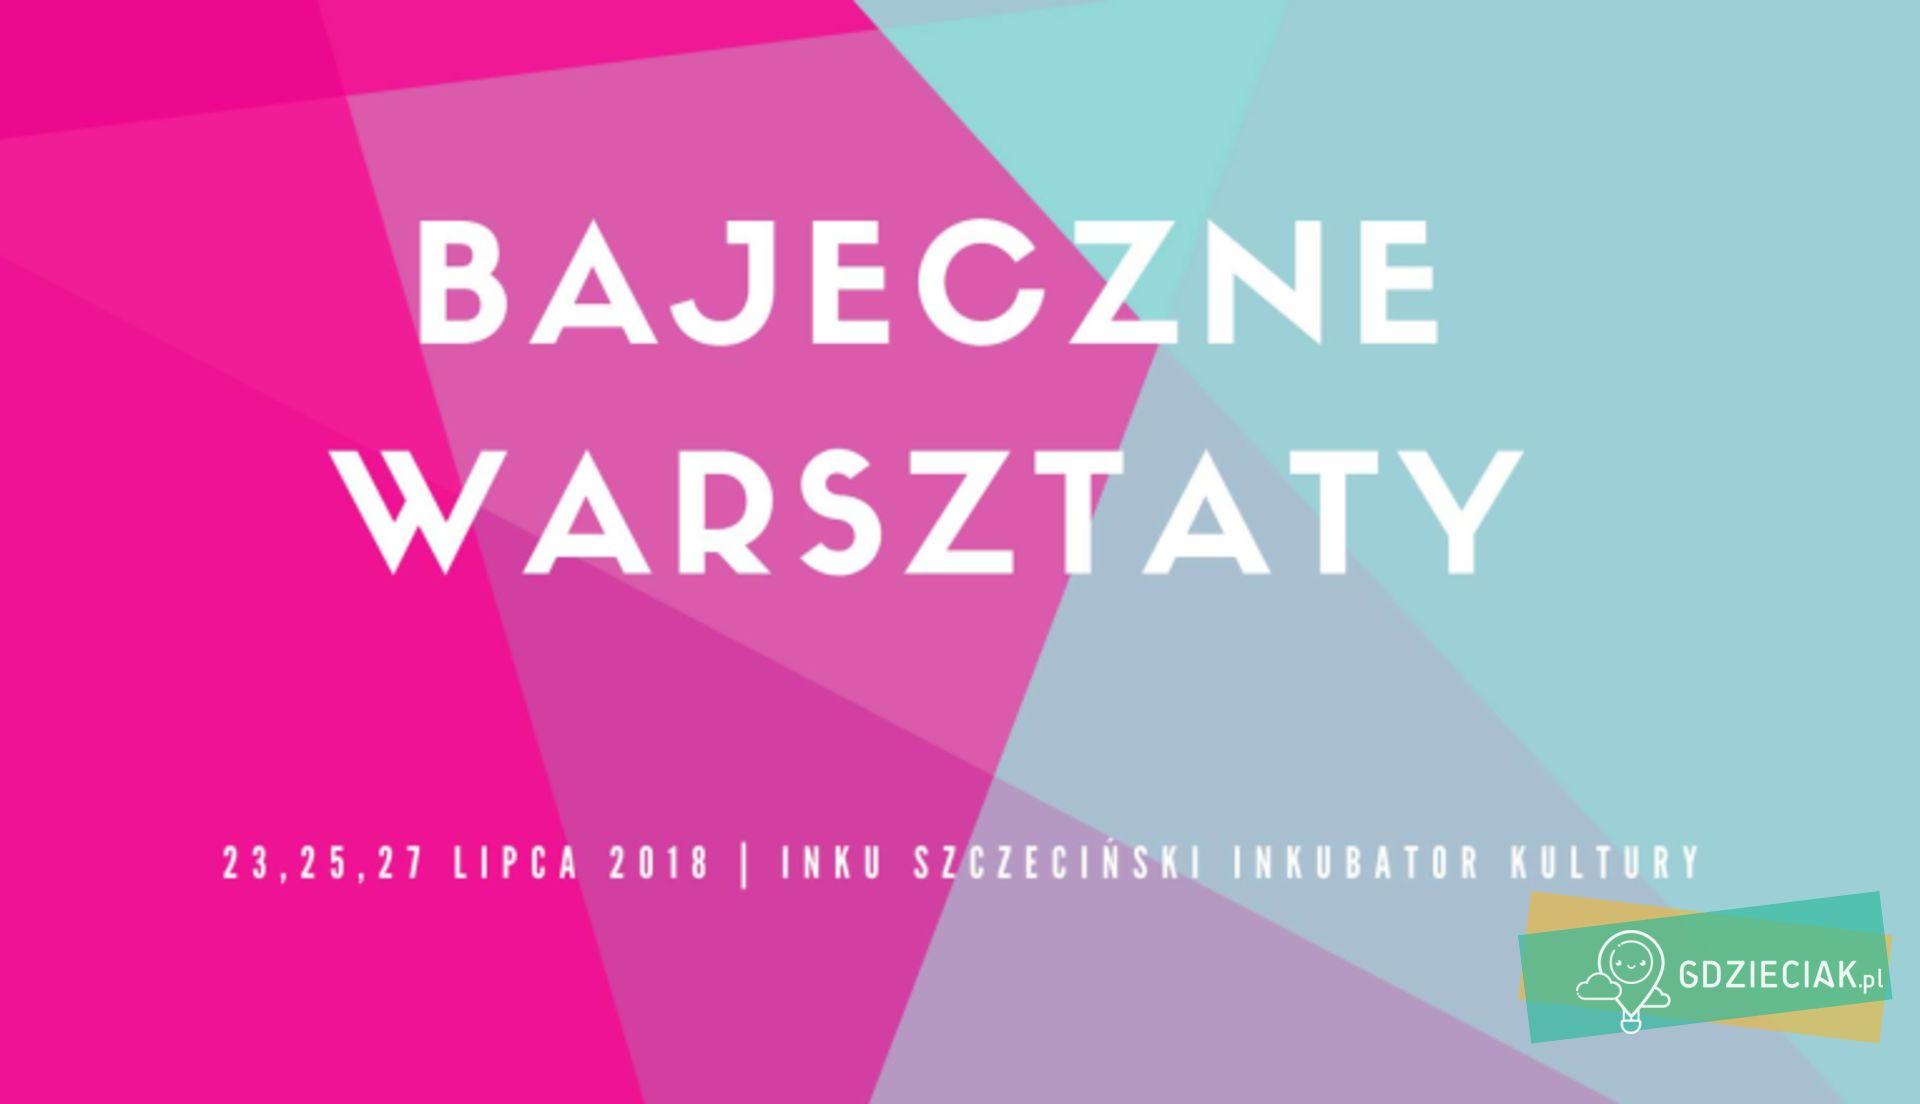 Na obiedzie u szalonego Kapelusznika – Bajeczne warsztaty w INKU - atrakcje dla dzieci w Szczecinie